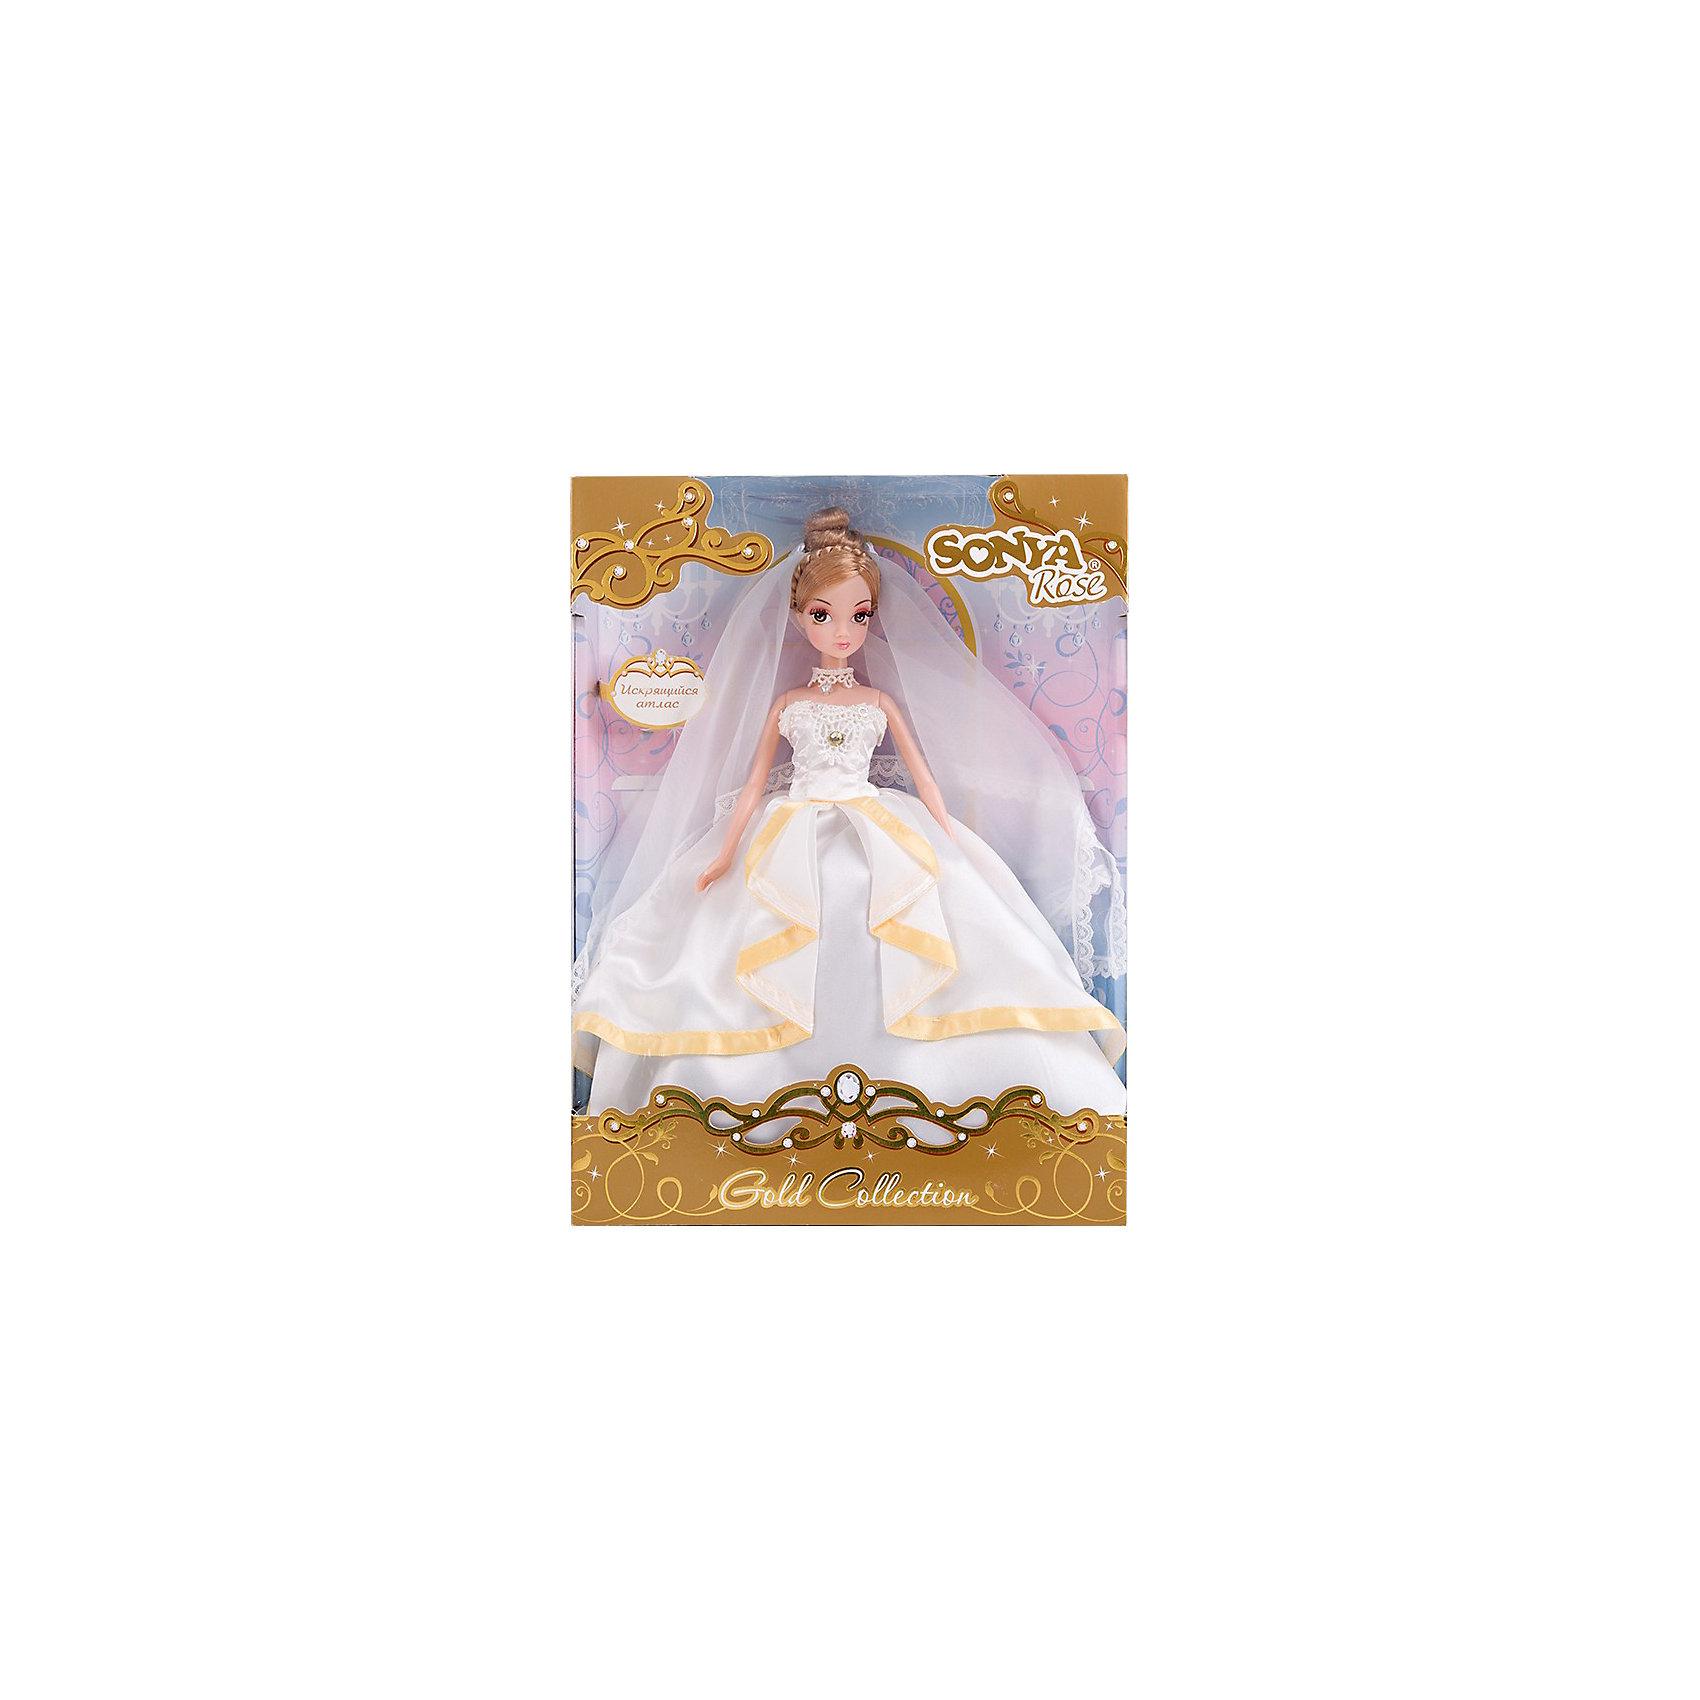 Кукла Искрящийся Атлас Золотая коллекция, Sonya RoseПрекрасная куколка станет любимой игрушкой каждой девочки. Имеет пропорциональное тело и тонкие черты лица. Большие глаза опушены шикарными ресницами. Куколки этой серии одеты в прекрасные платья, невероятно красивые и изысканные. Имеют длинные блестящие волосы, уложенные в стильные прически и изысканные аксессуары. Собери всех кукол серии, пусть они ходят друг к другу в гости, меняются аксессуарами и одеждой.<br><br>Дополнительная информация:<br><br>- Материал: пластик, текстиль<br>- Размер: 27 см<br>- Ножки, ручки, голова куклы - подвижные.<br><br>Куклу Искрящийся Атлас Золотая коллекция, Sonya Rose можно купить в нашем магазине.<br><br>Ширина мм: 230<br>Глубина мм: 70<br>Высота мм: 320<br>Вес г: 400<br>Возраст от месяцев: 36<br>Возраст до месяцев: 84<br>Пол: Женский<br>Возраст: Детский<br>SKU: 3861419